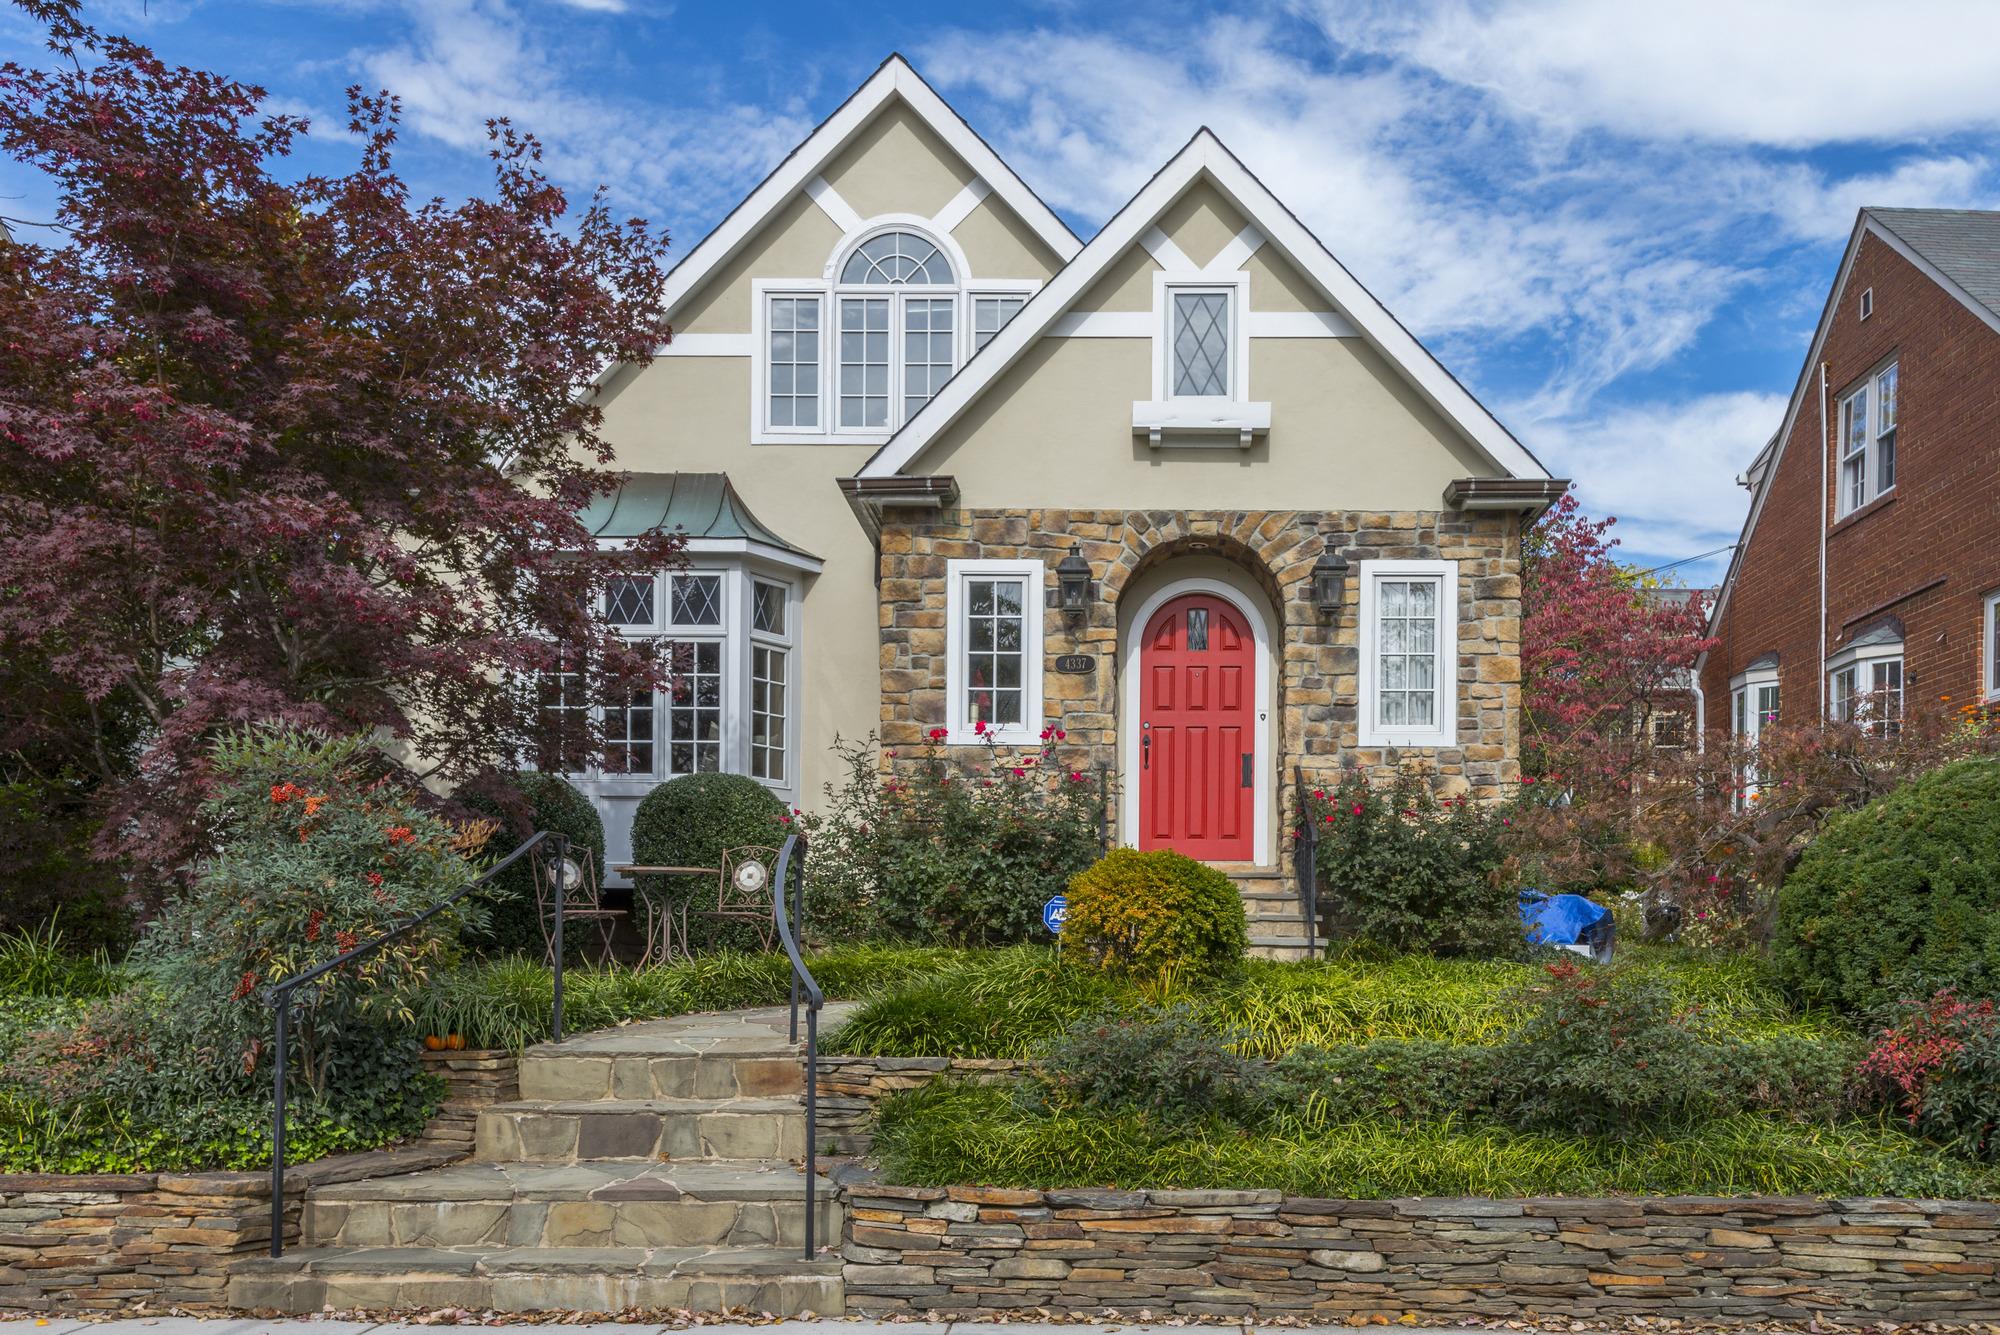 Einfamilienhaus für Verkauf beim 4337 Ellicott Street Nw, Washington Washington, District Of Columbia 20016 Vereinigte Staaten